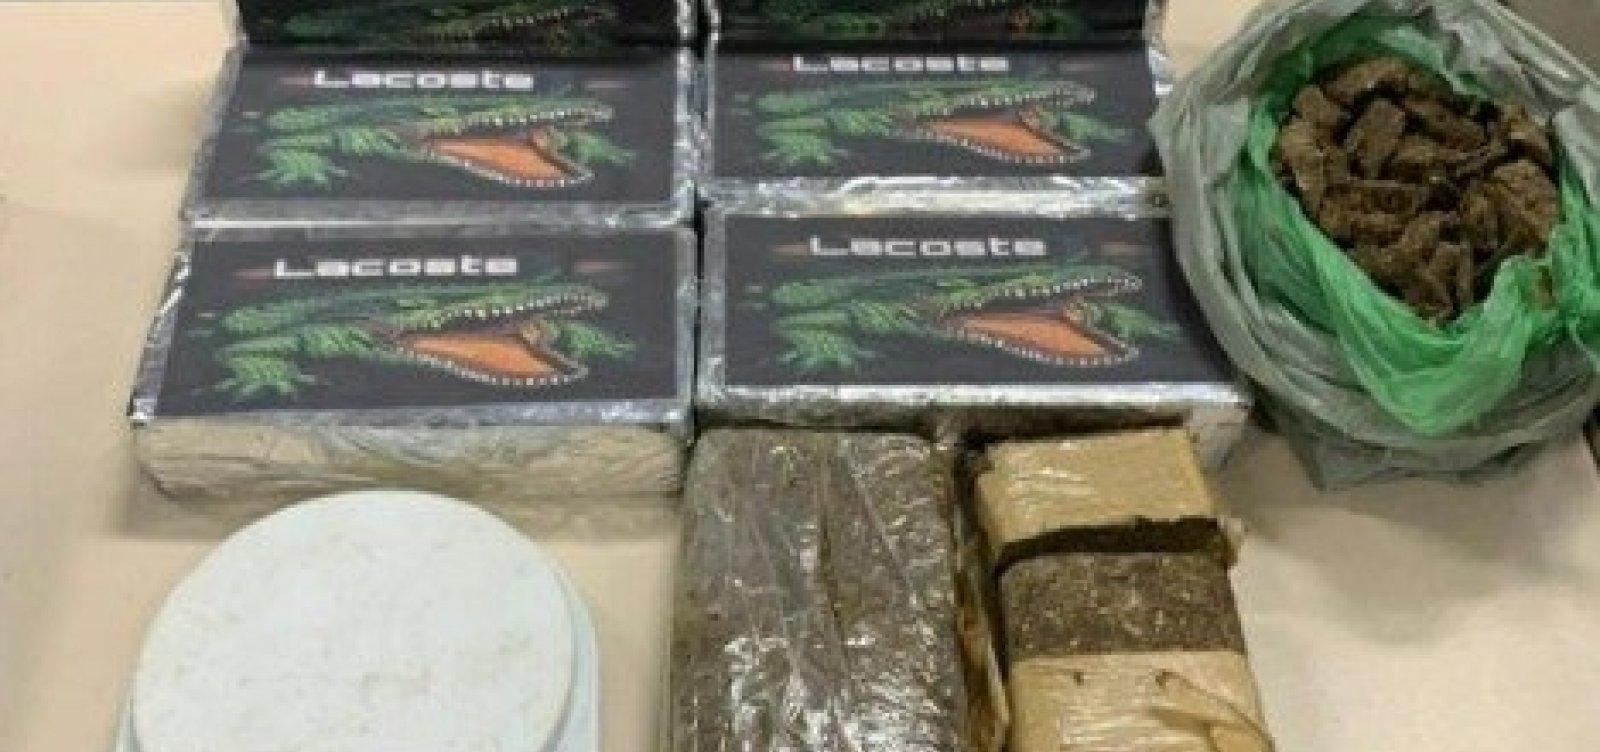 Bola murcha: Professor de escolinha de futebol é preso por tráfico de drogas